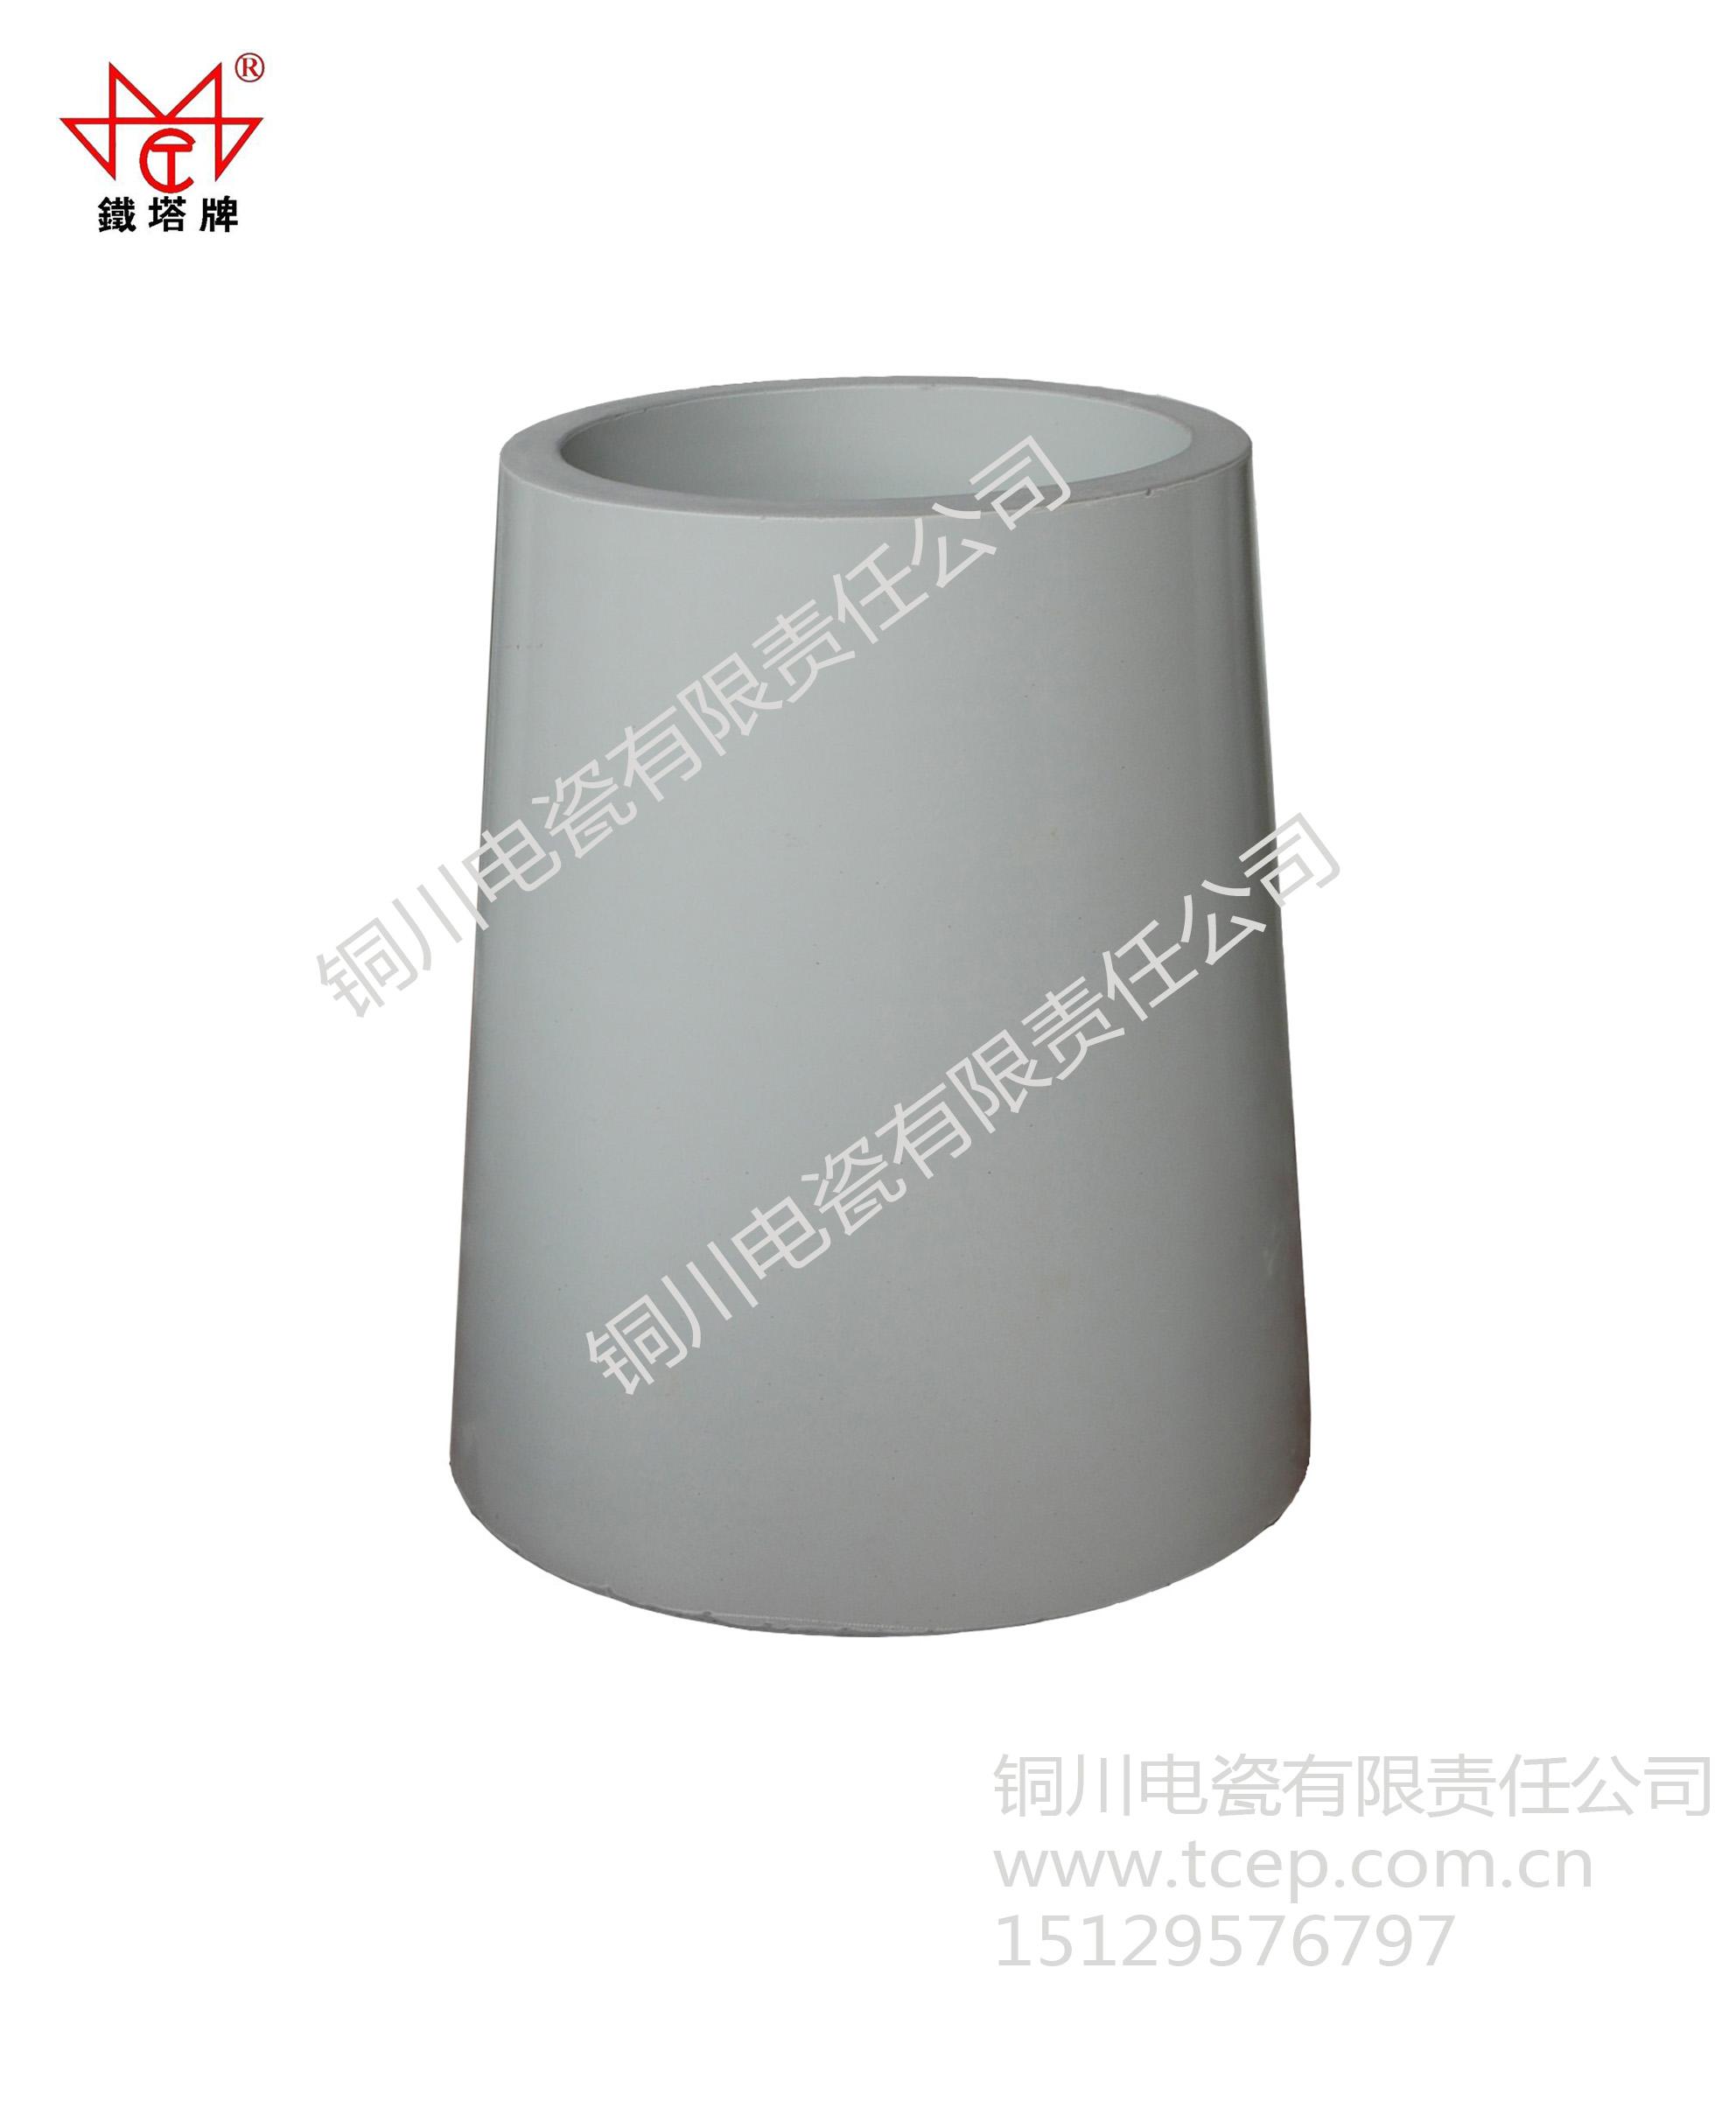 電除塵絕緣瓷瓶支撐絕緣子7272/7278-C/7262-B